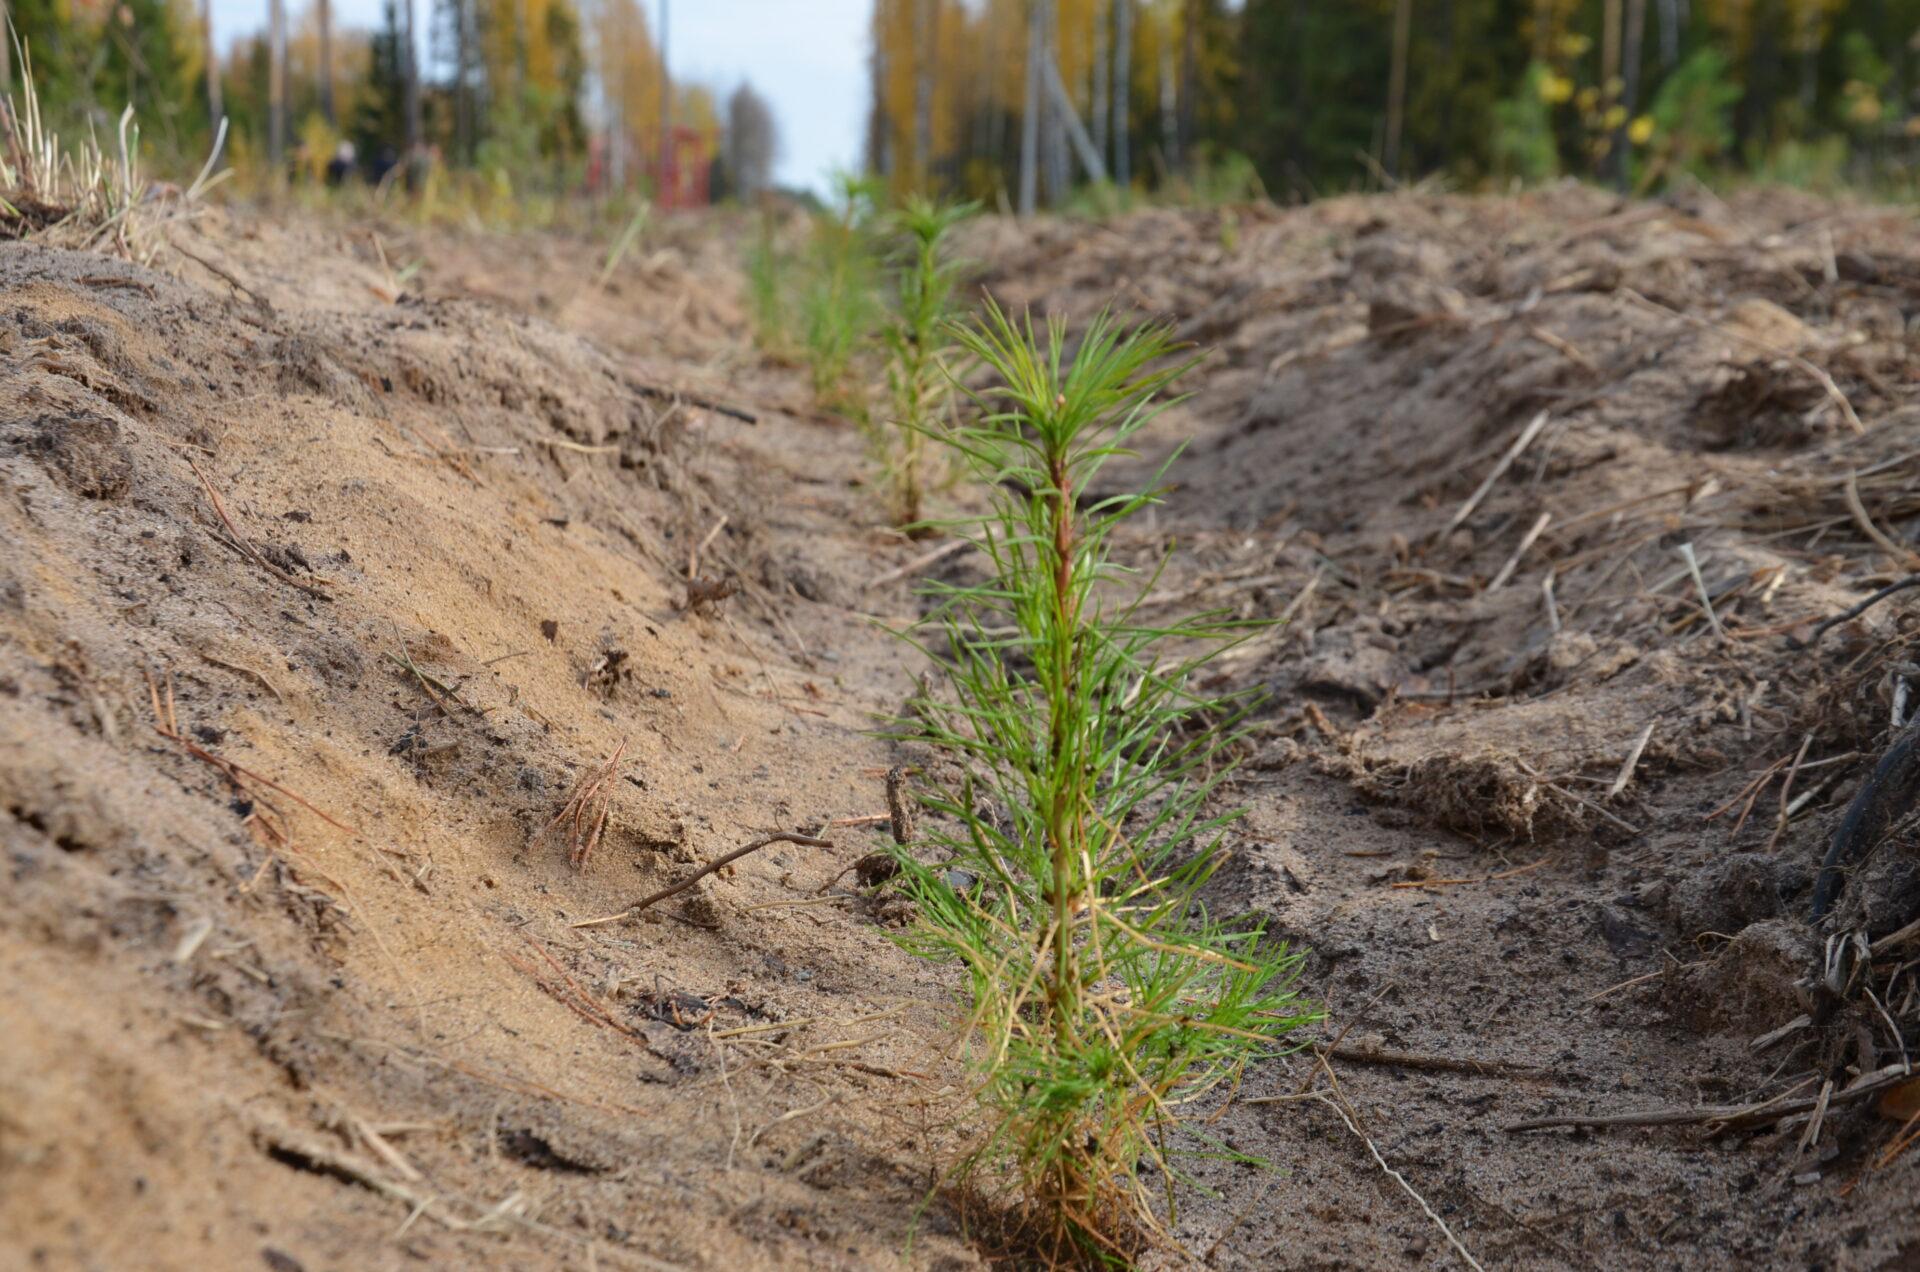 23 сентября в Марий Эл высадят 30 тыс. сосен на месте сгоревшего леса